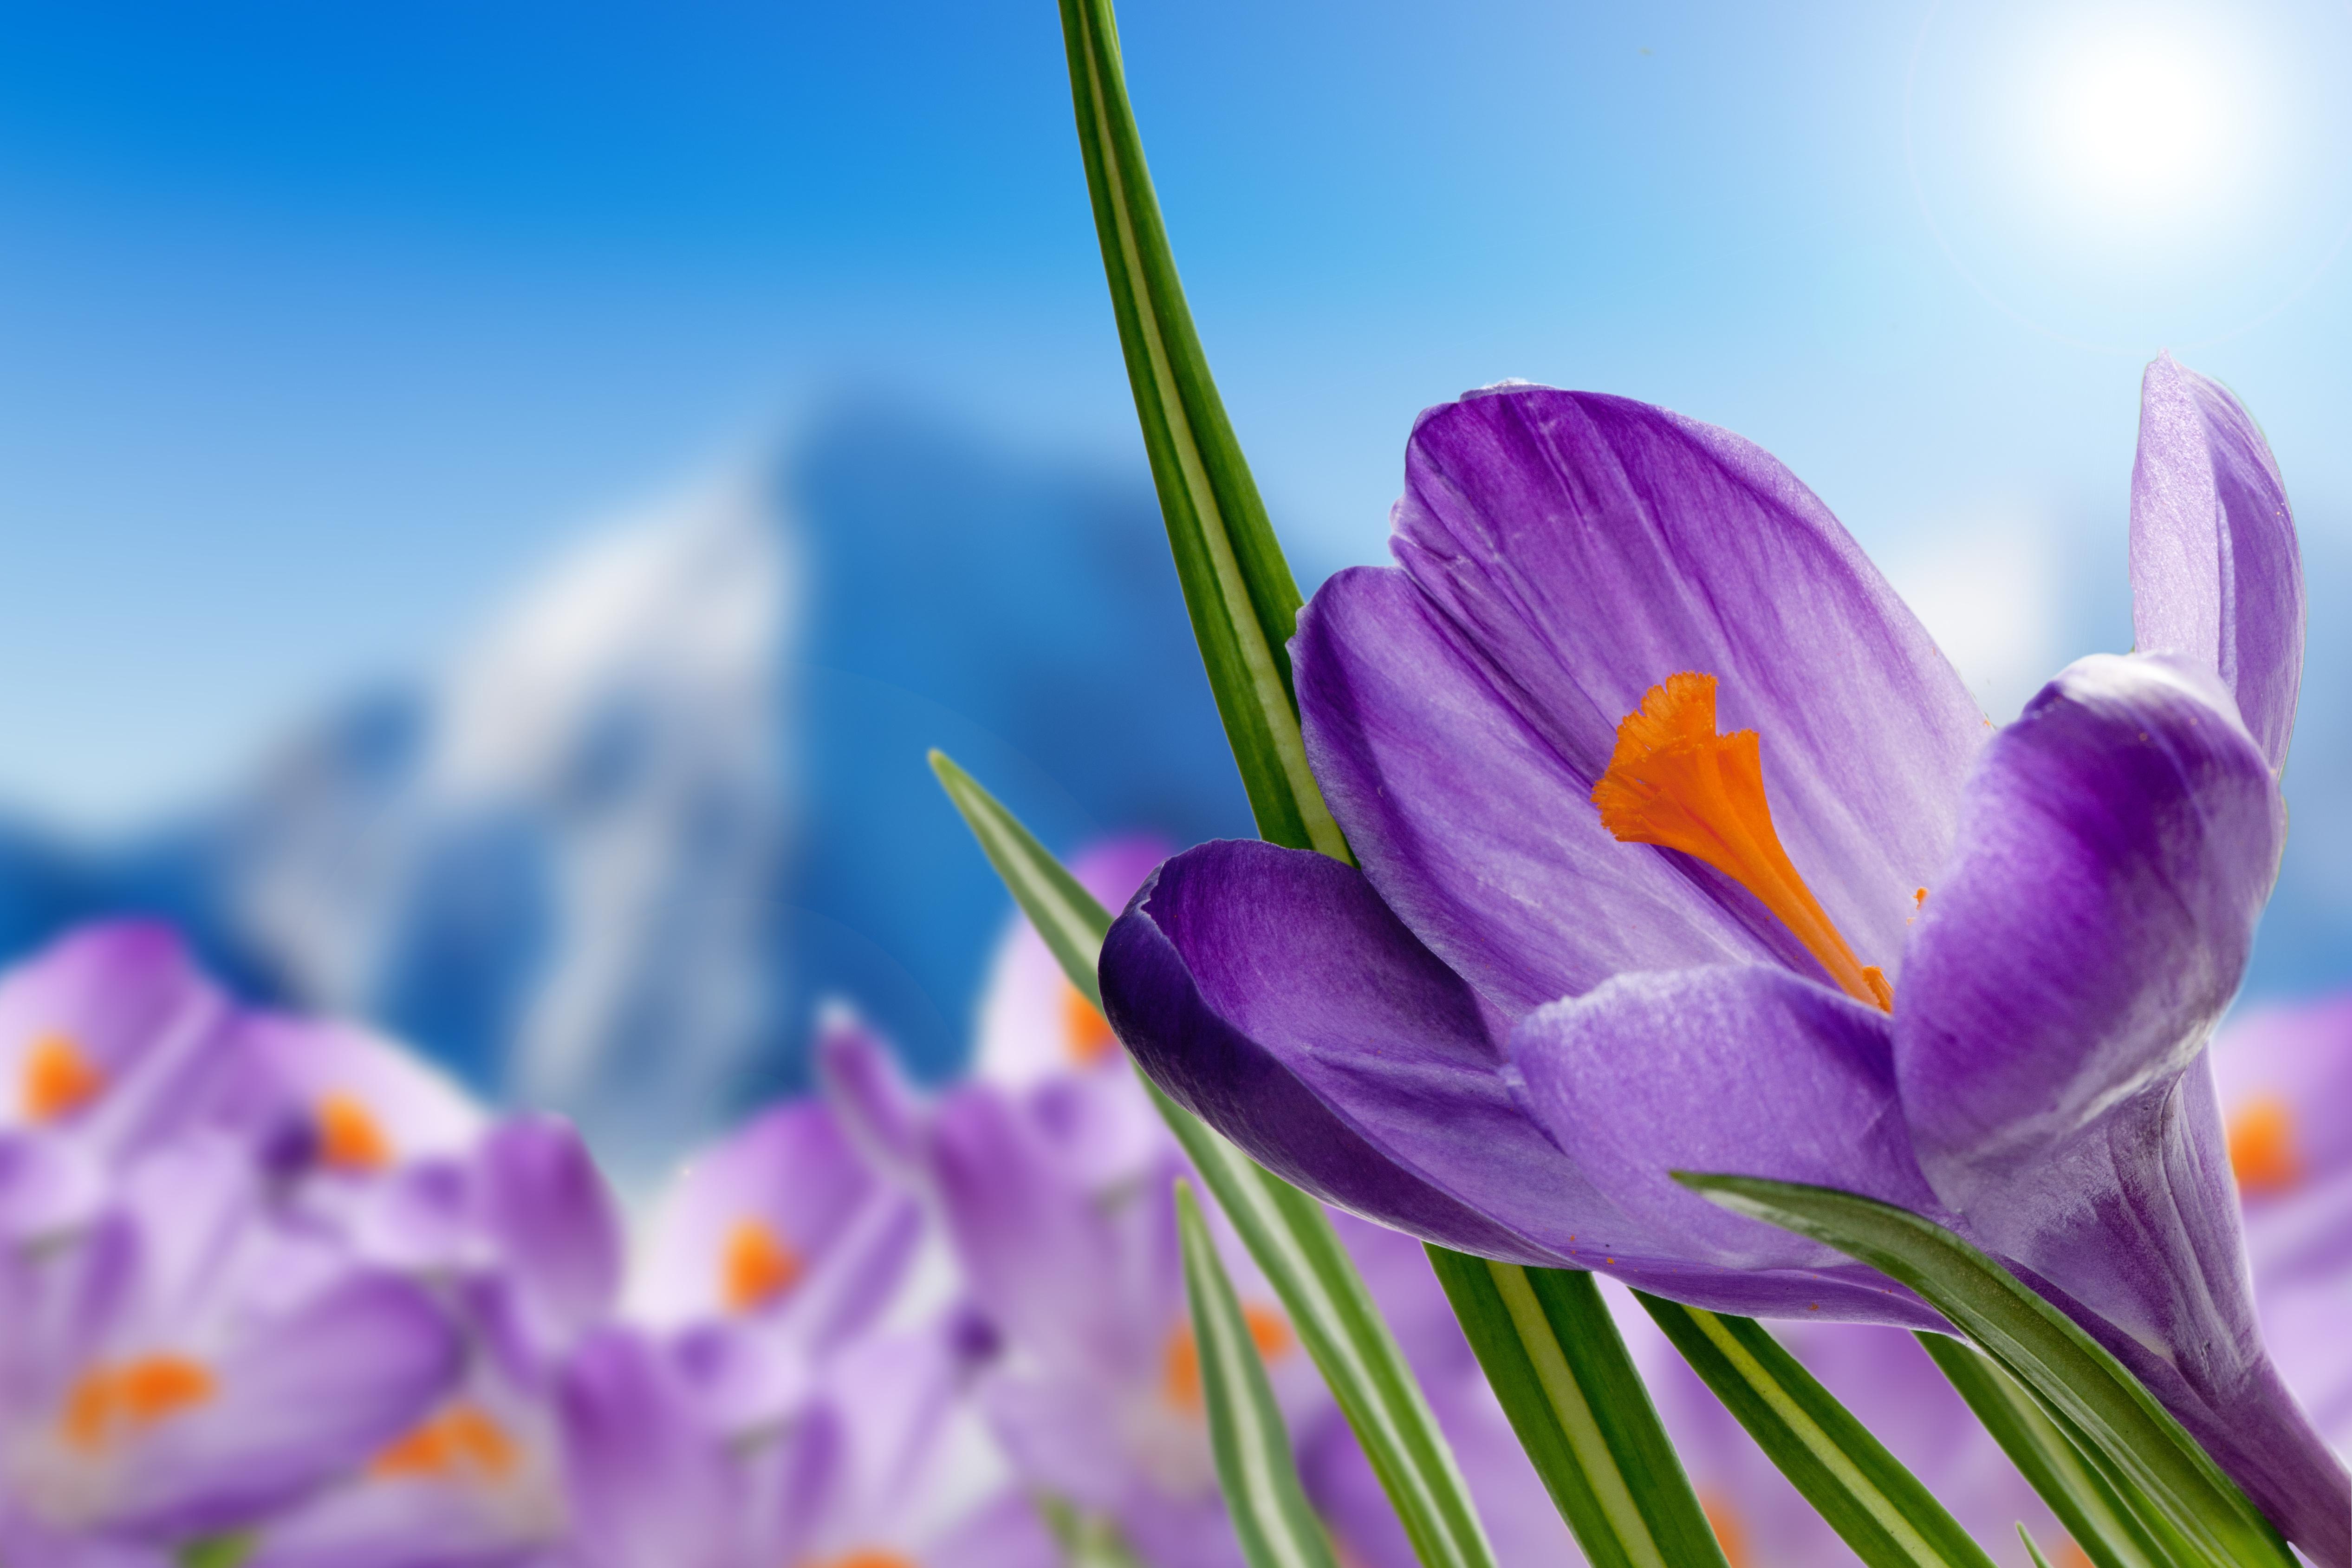 Flower - HD1920×1280